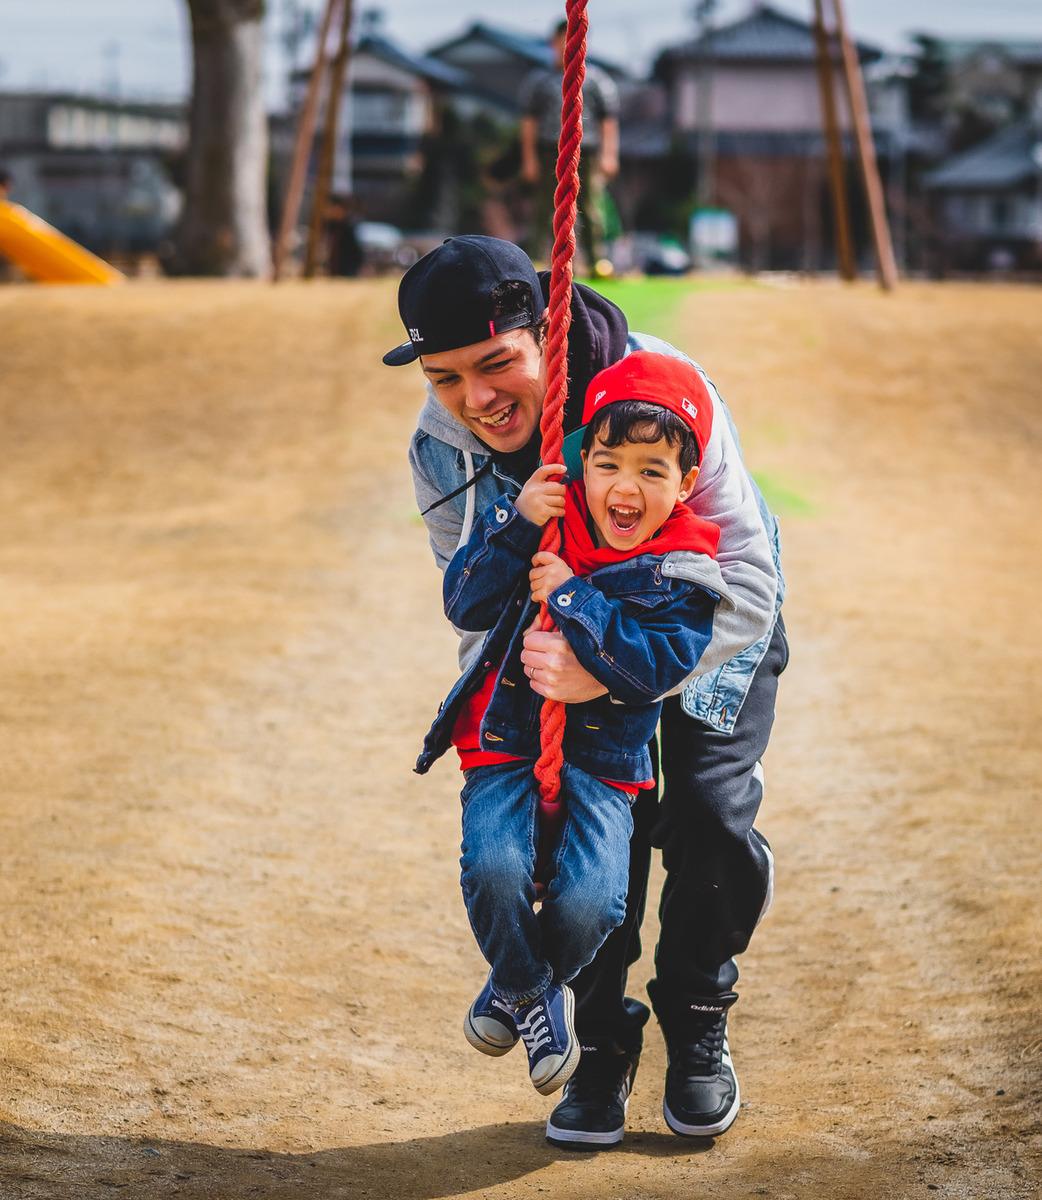 feliz dia dos pais, fotografo em gifu, fotografo brasileiro, miyuki